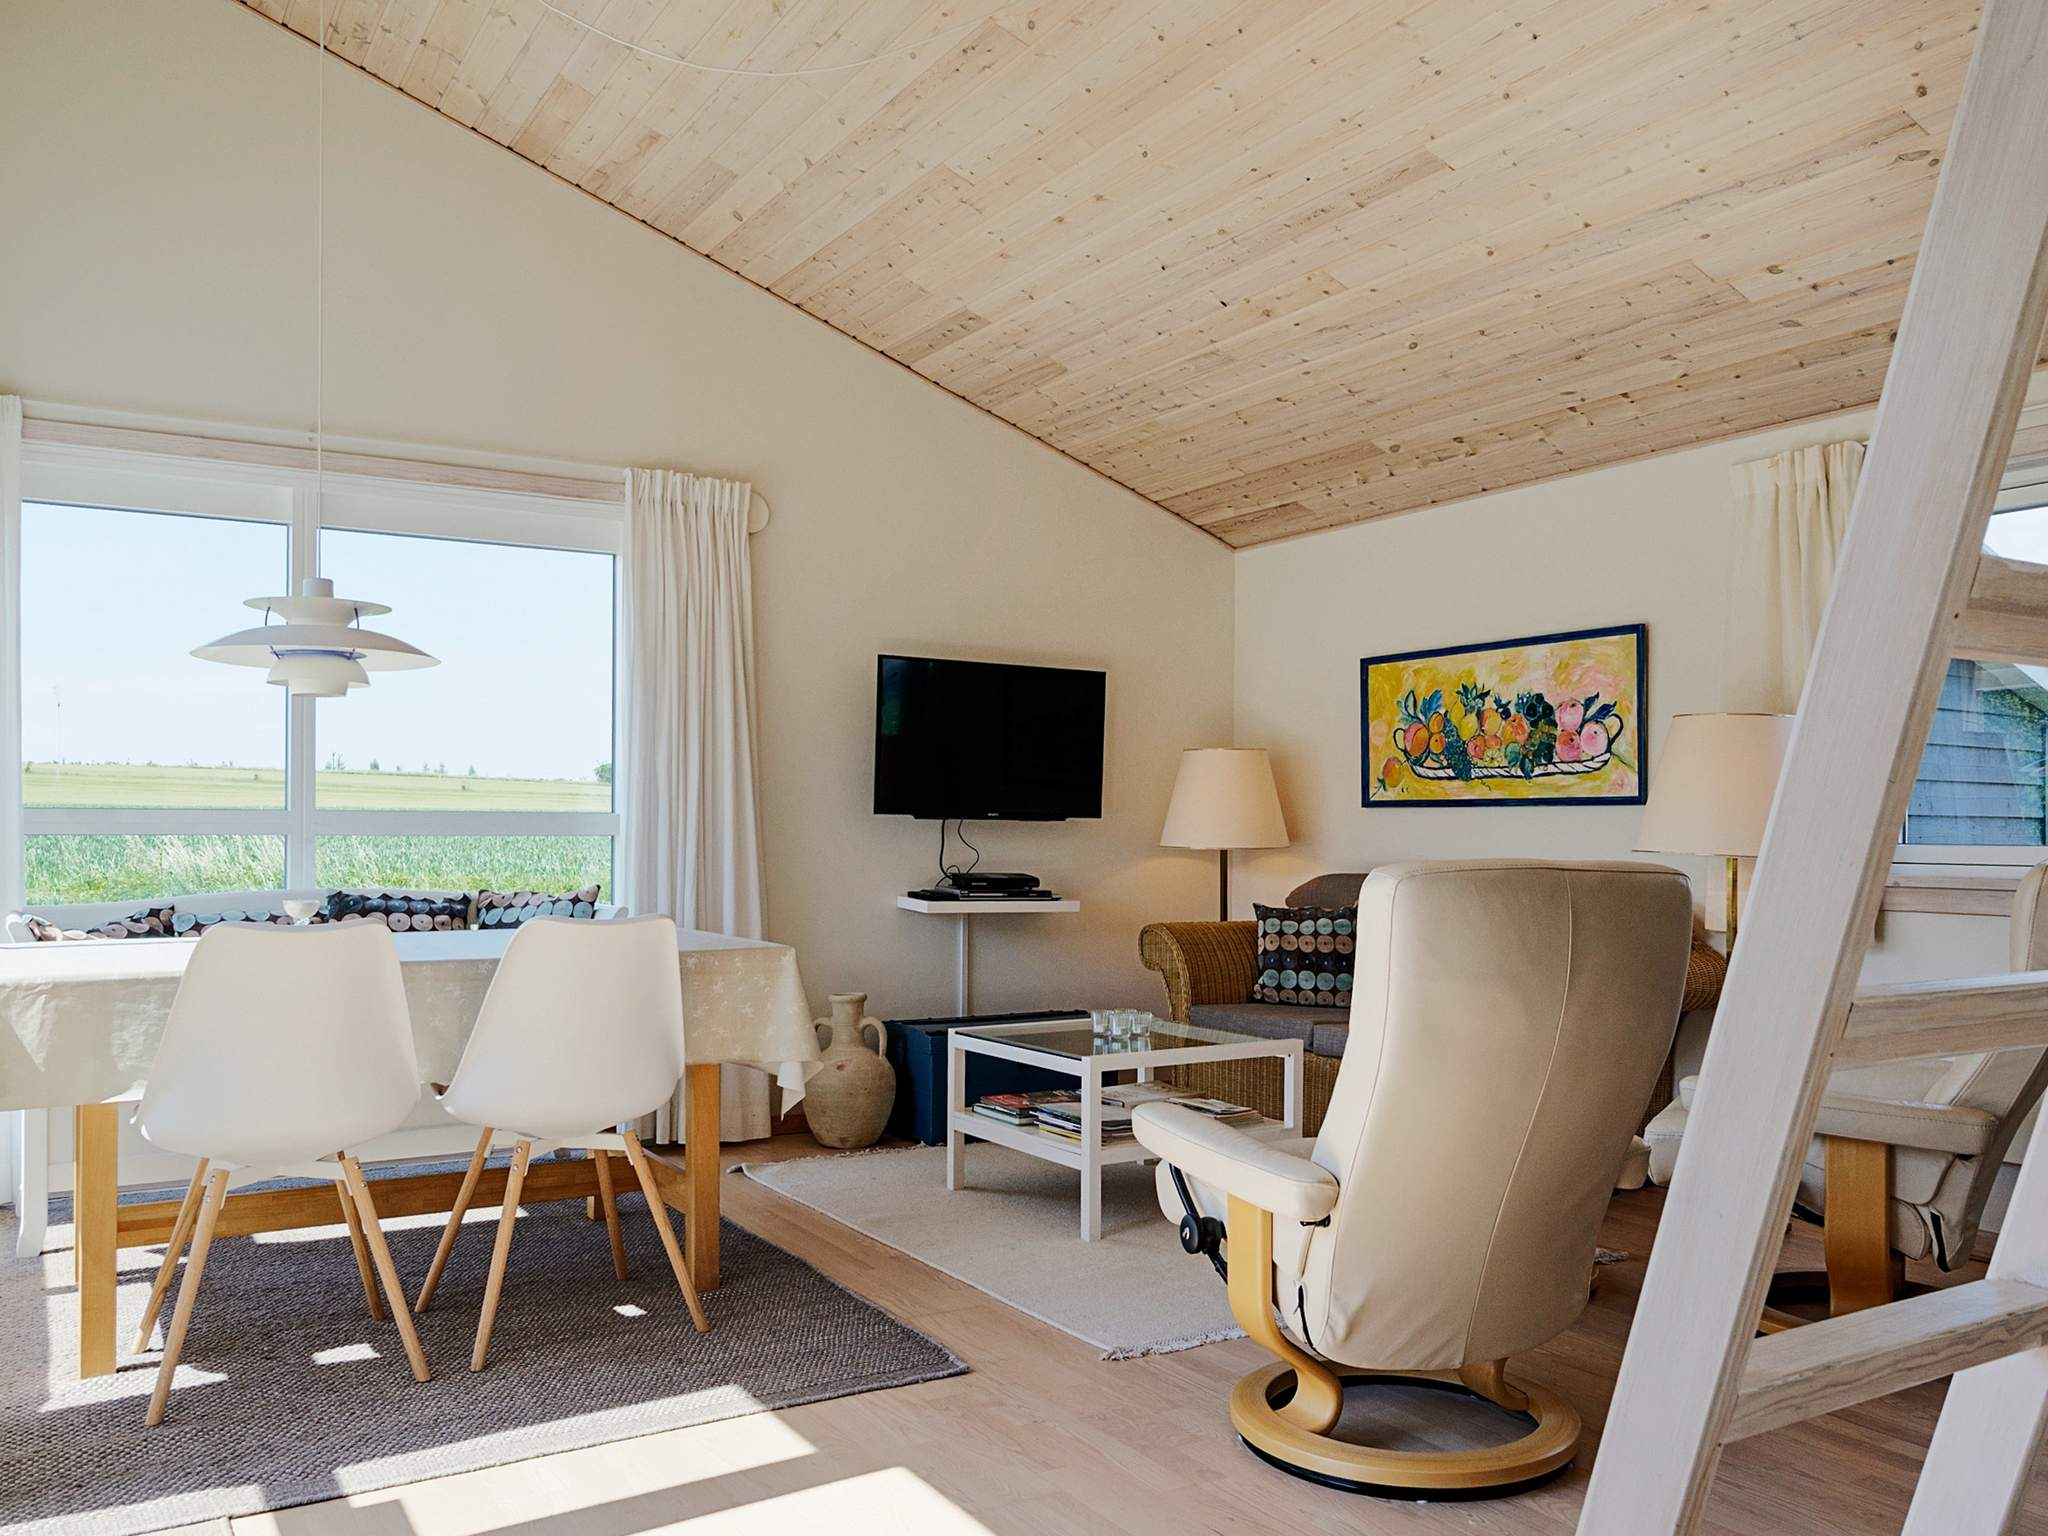 Ferienhaus Rø/Gudhjem (251665), Gudhjem, , Bornholm, Dänemark, Bild 9